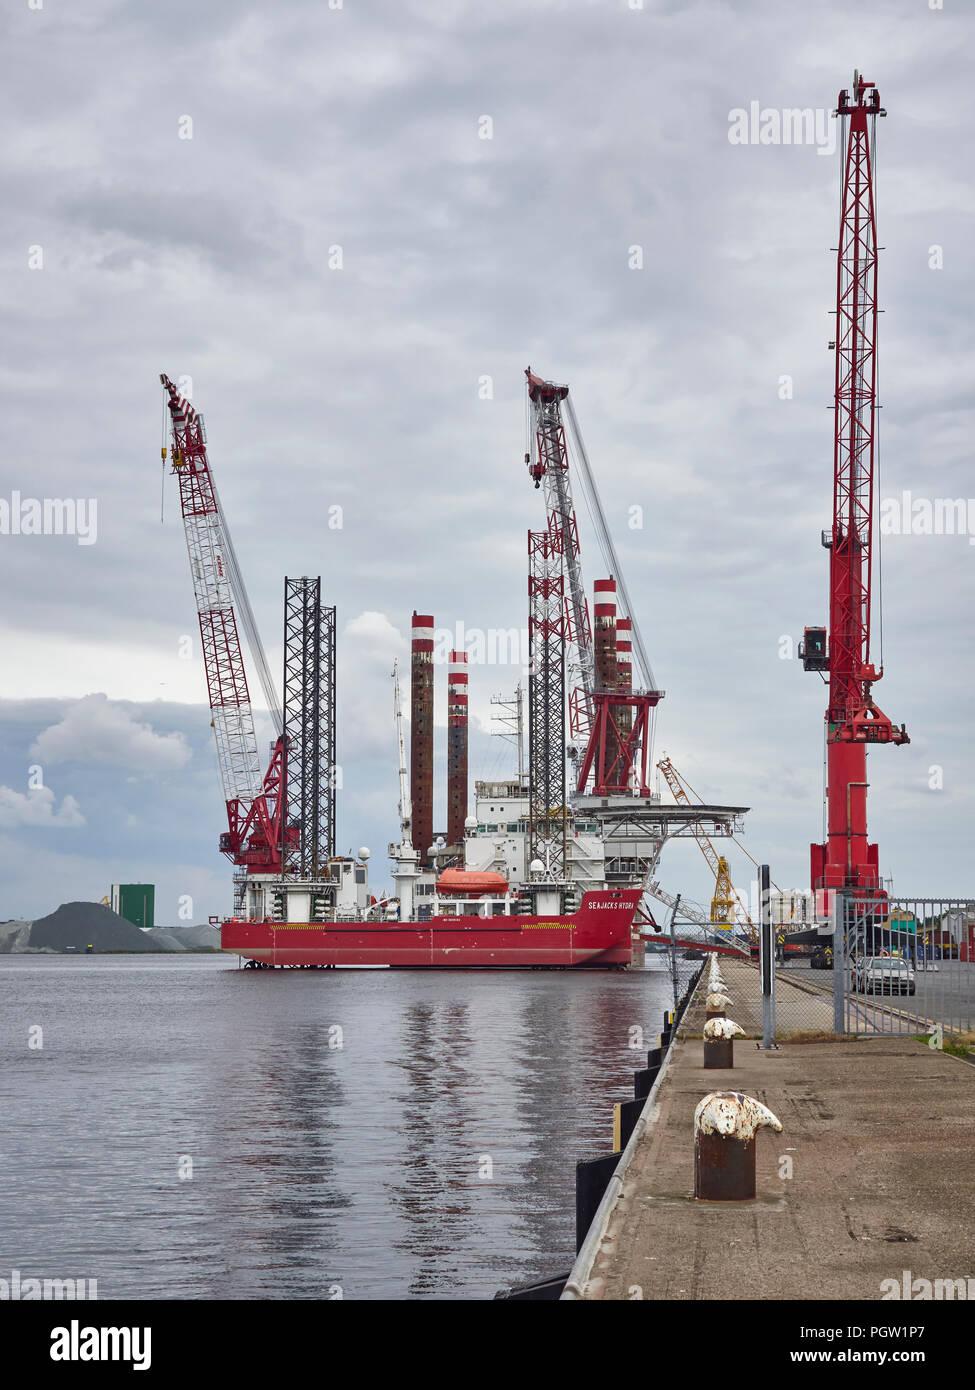 Die seajacks Hydra, einem Selbstfahrenden multipurpose Jack Up Plattform neben Den Haag Containerhafen in Amsterdam günstig. Stockbild